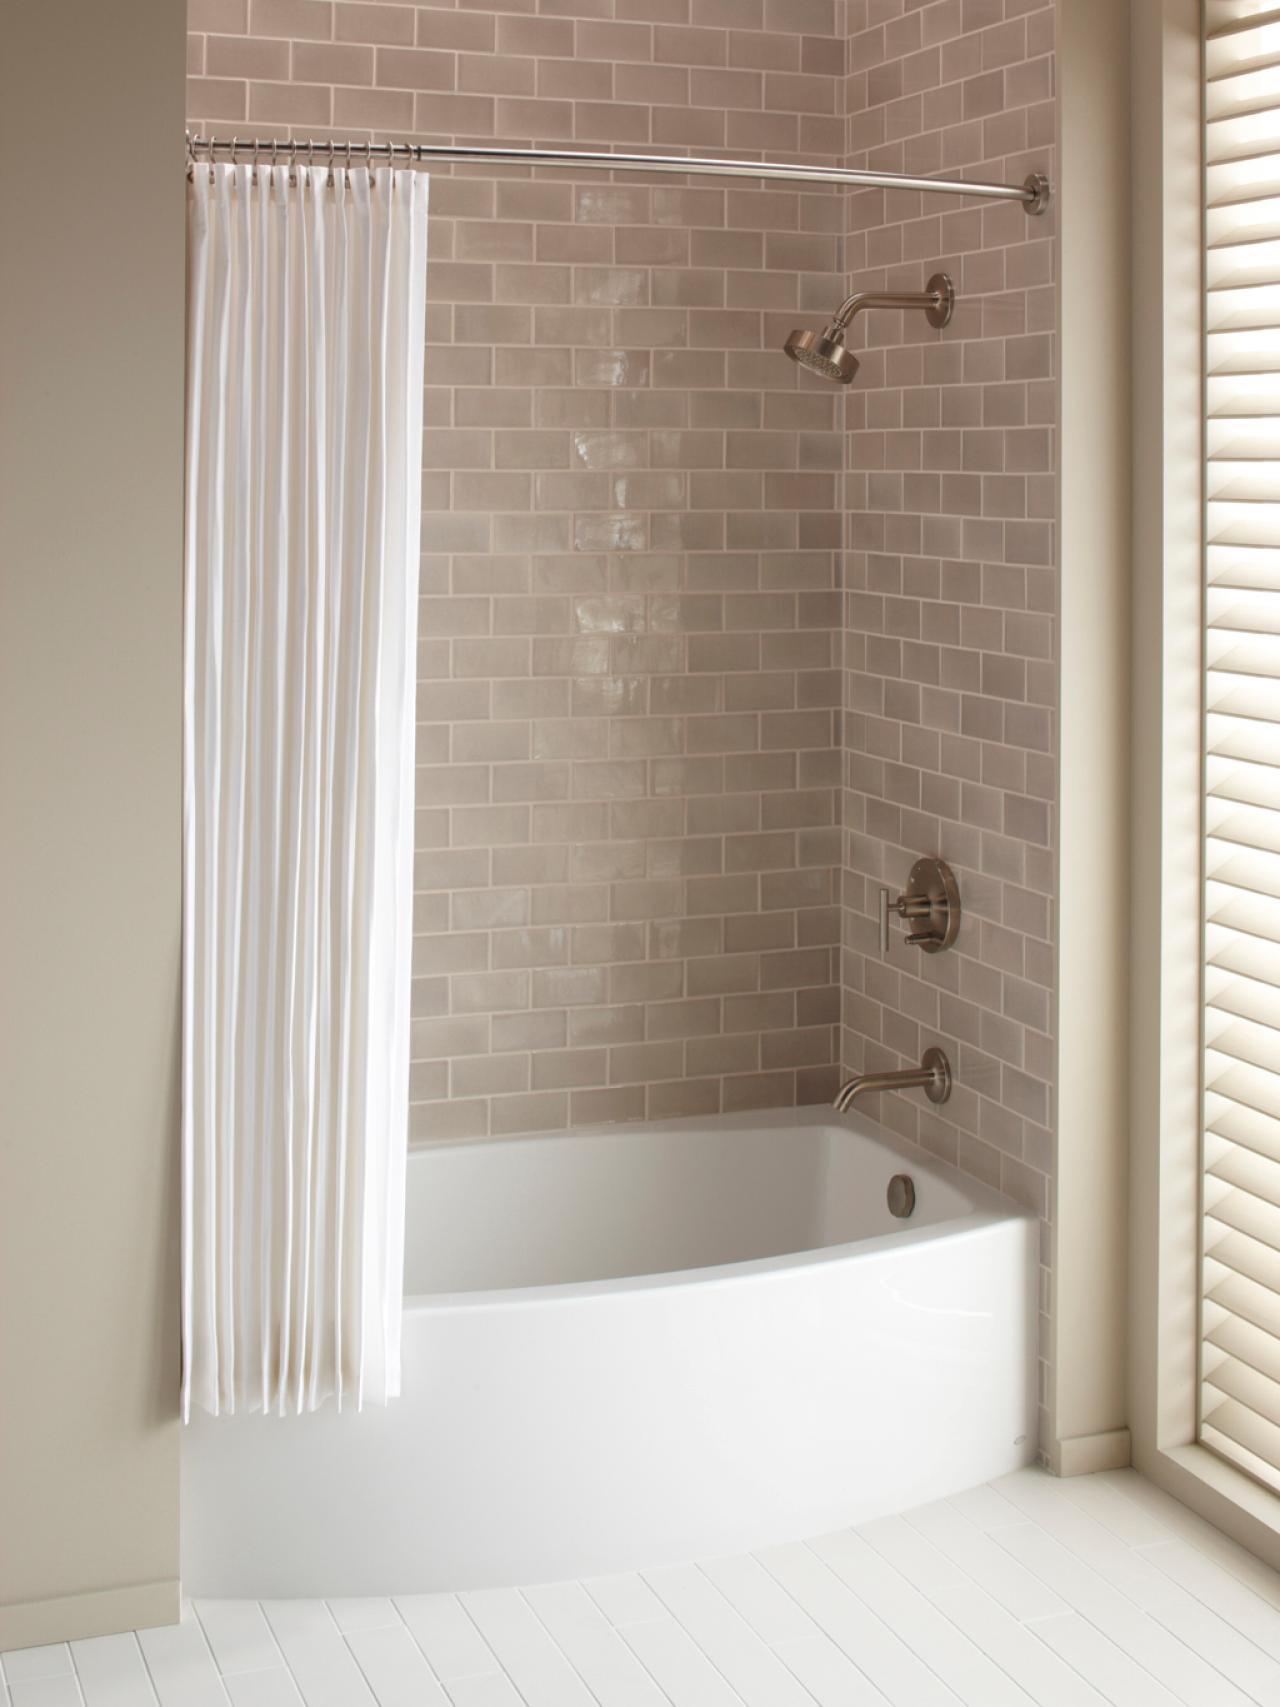 Cheap Bathtubs And Showers Decor Ideasdecor Ideas